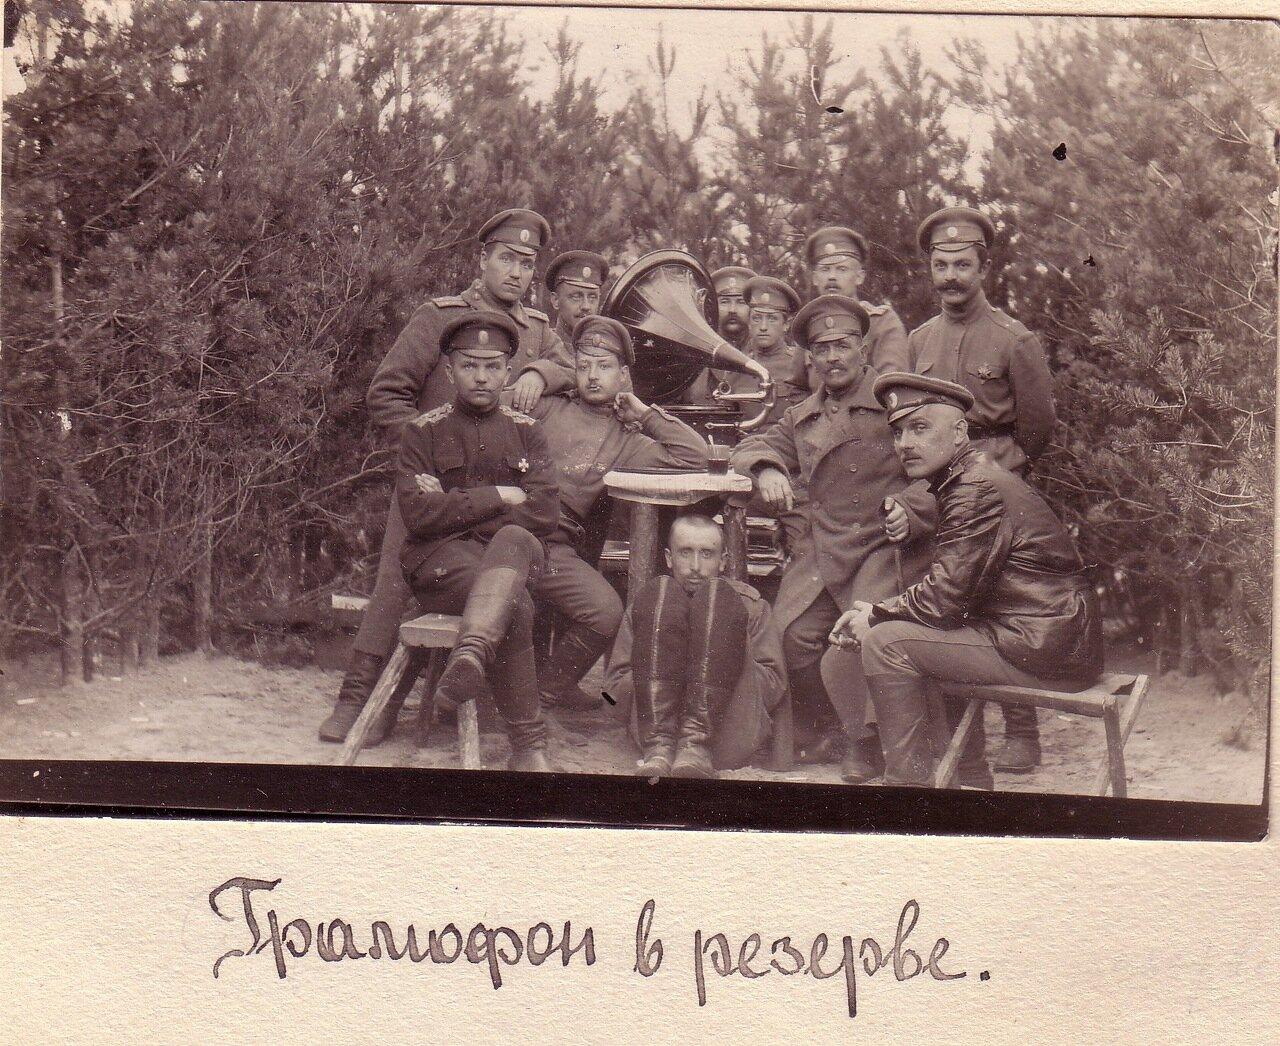 Граммофон в резерве. 1916